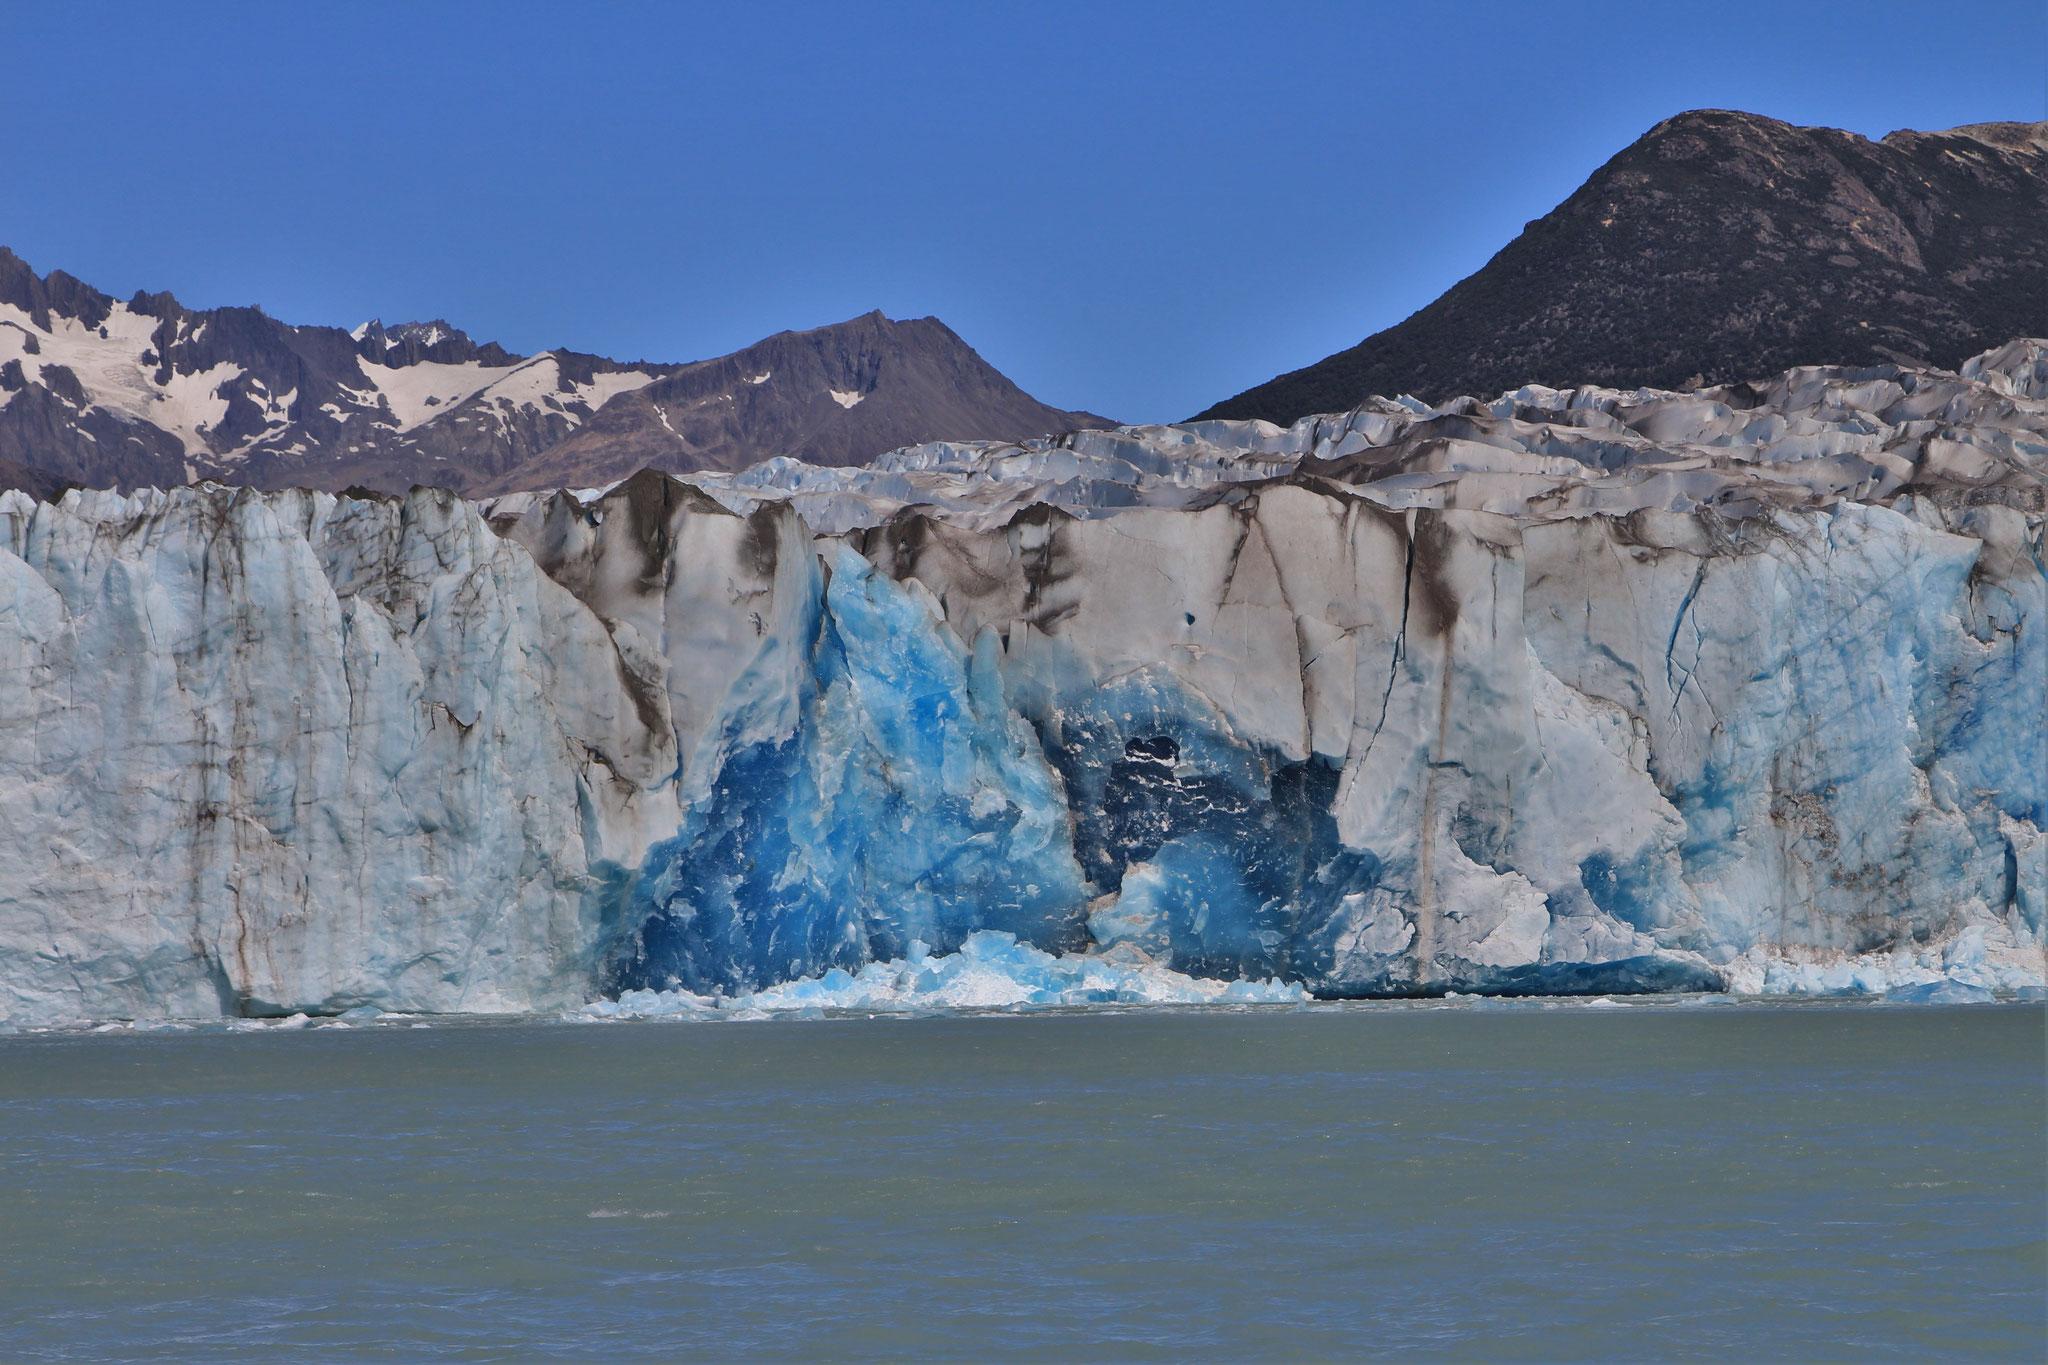 Kalbende Gletscher am Lago Viedma